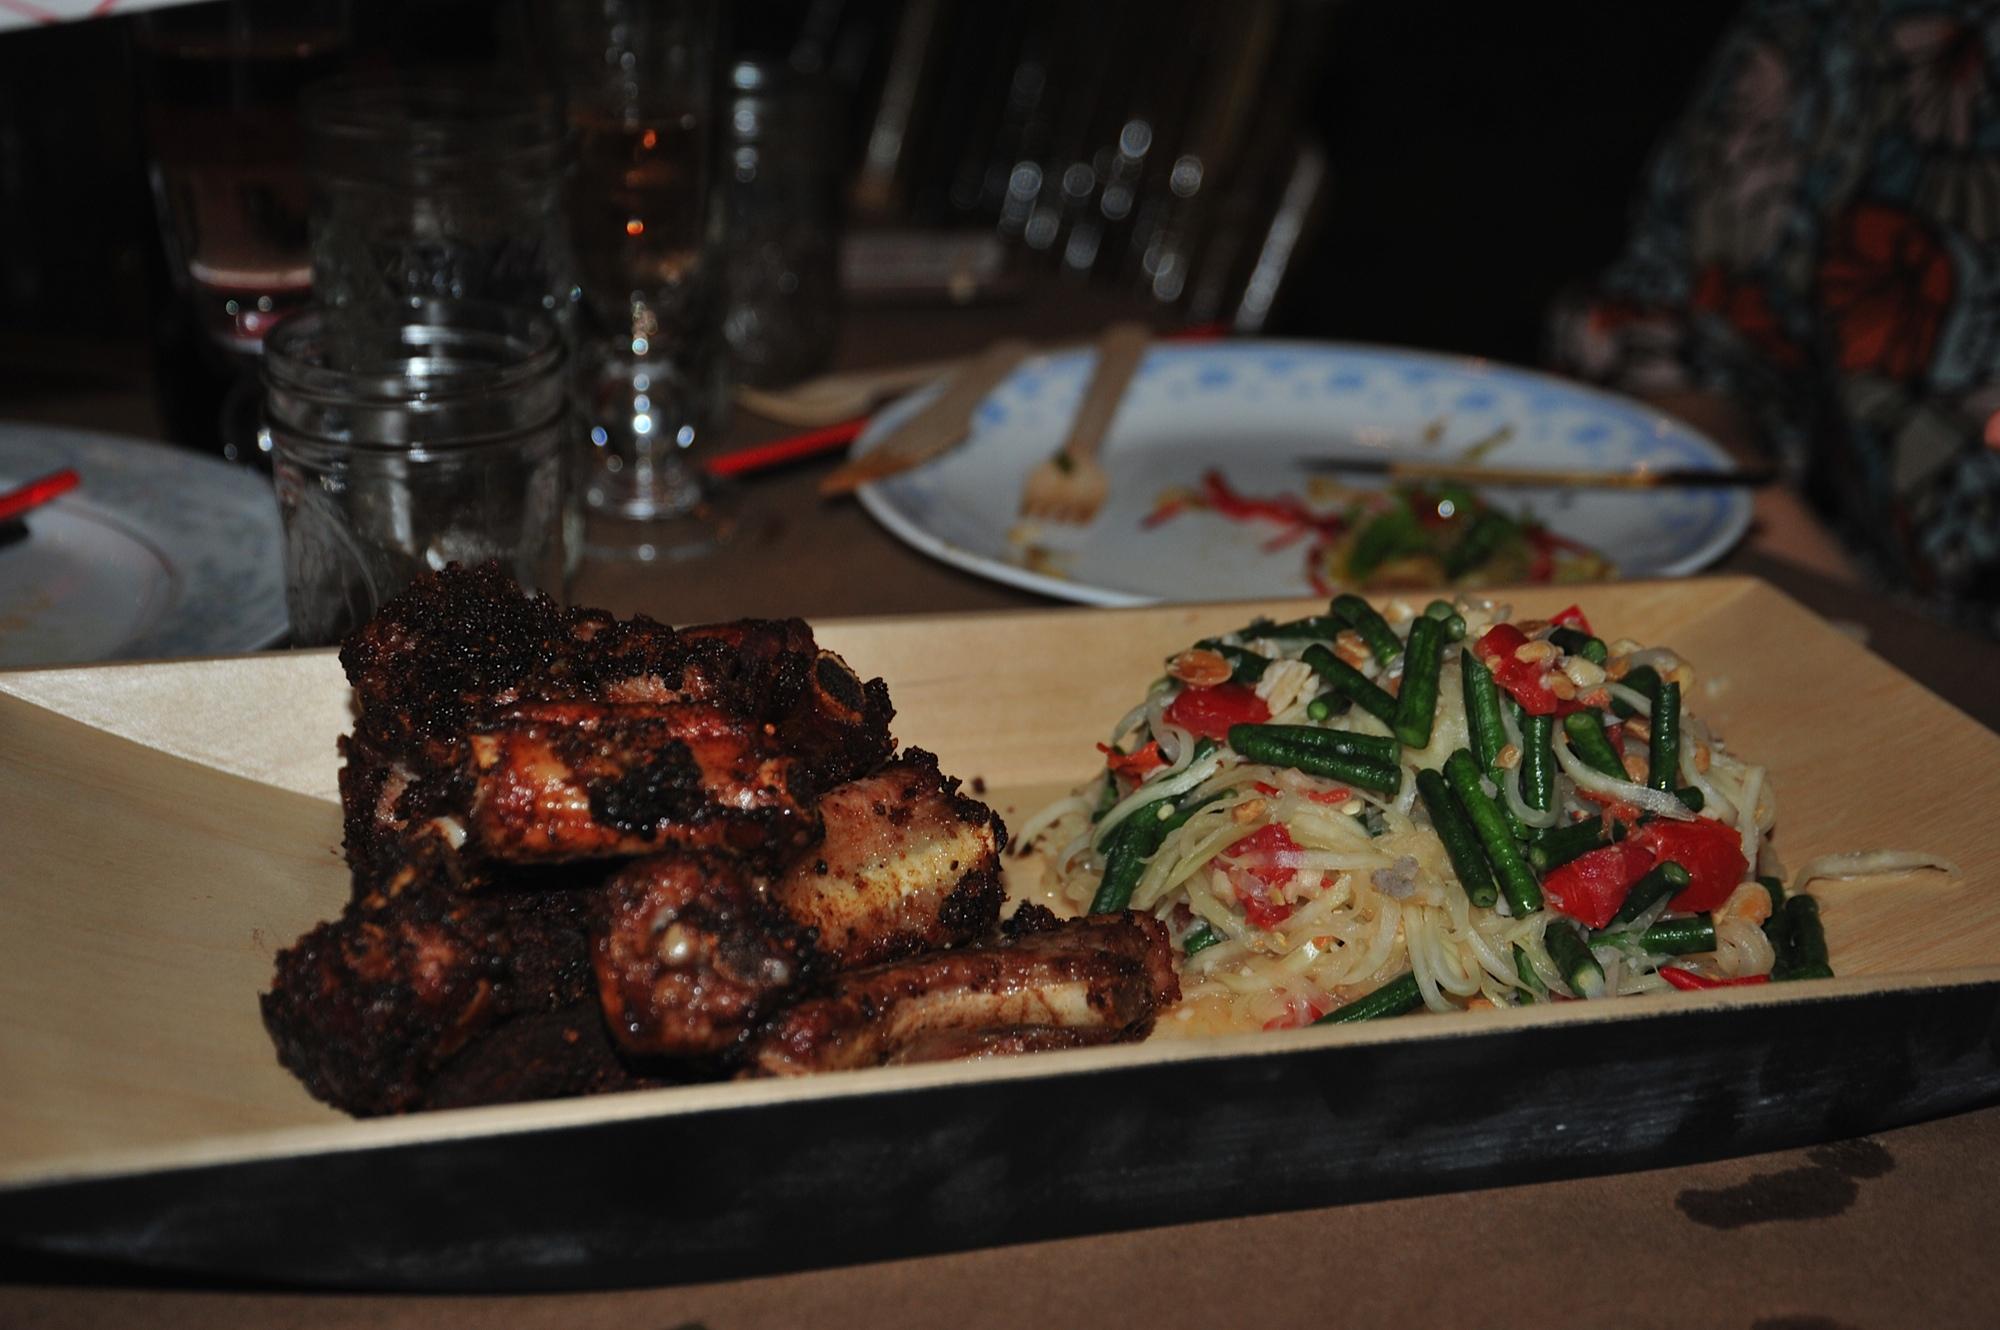 Pork ribs and octopus salad by Riff Raff Supper Club's Jennifer Dobbertin